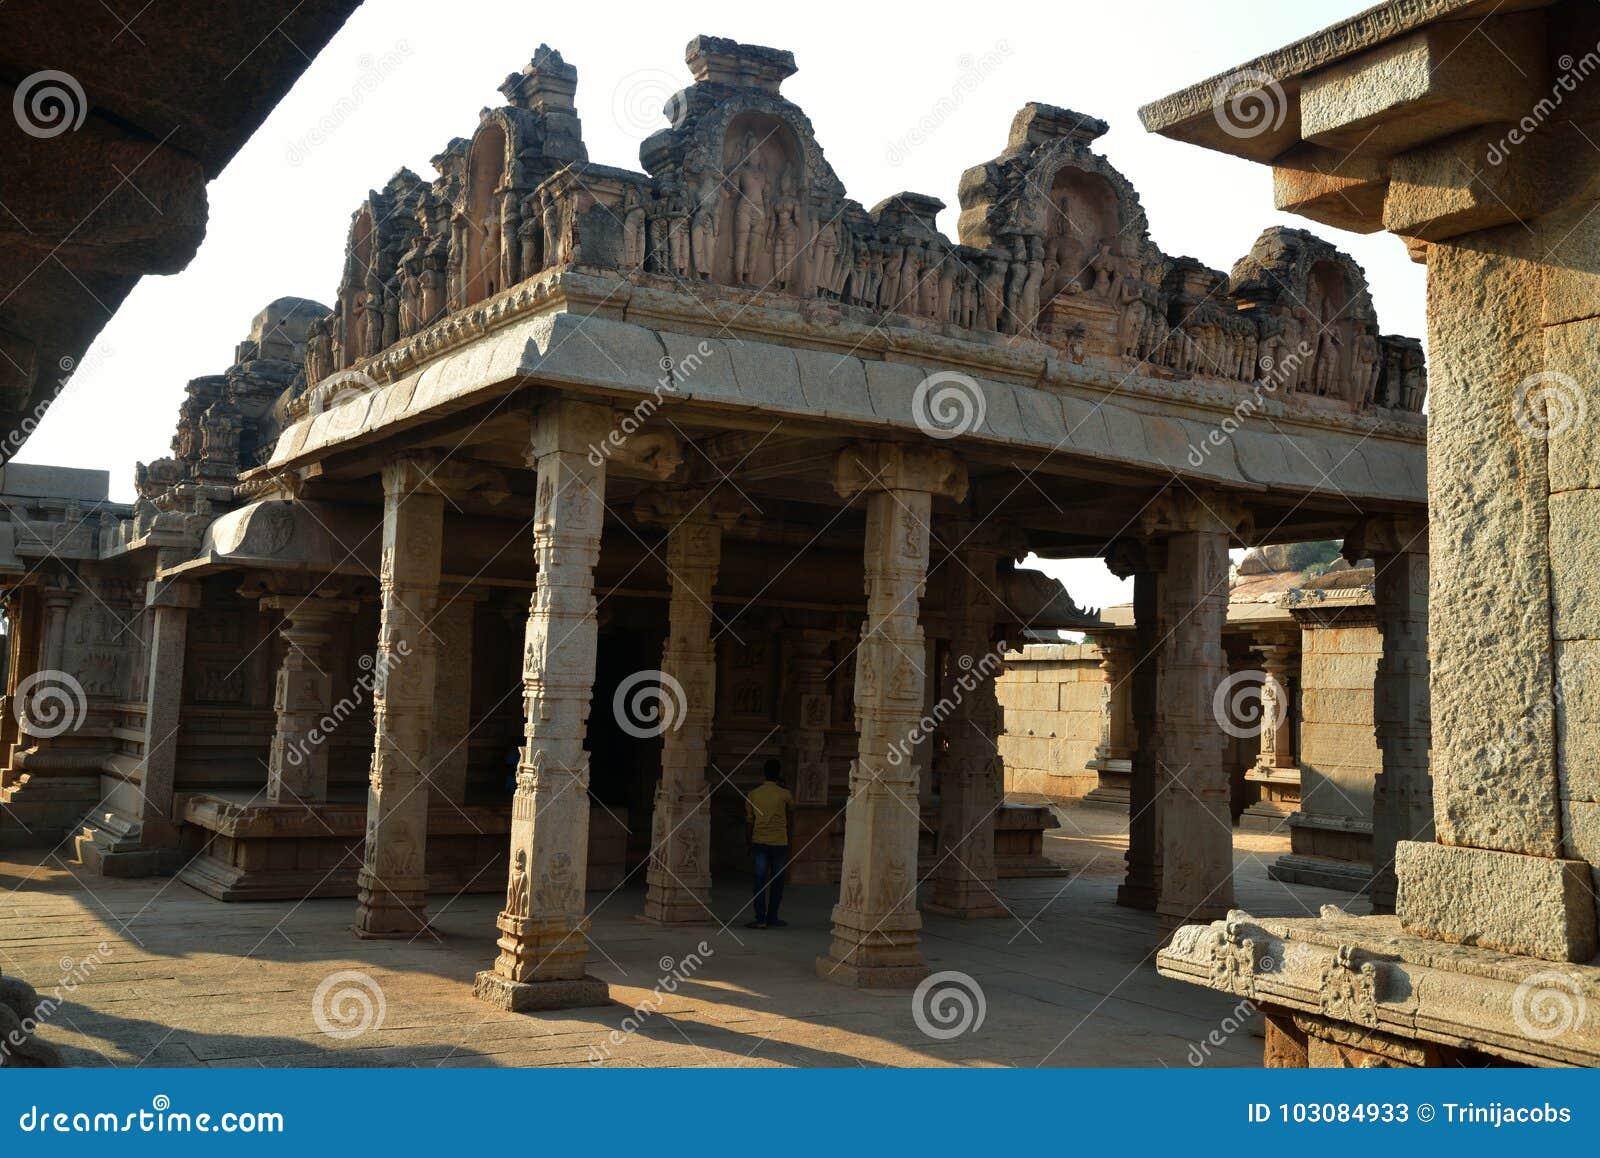 哈扎拉Rama寺庙,亨比,卡纳塔克邦,印度